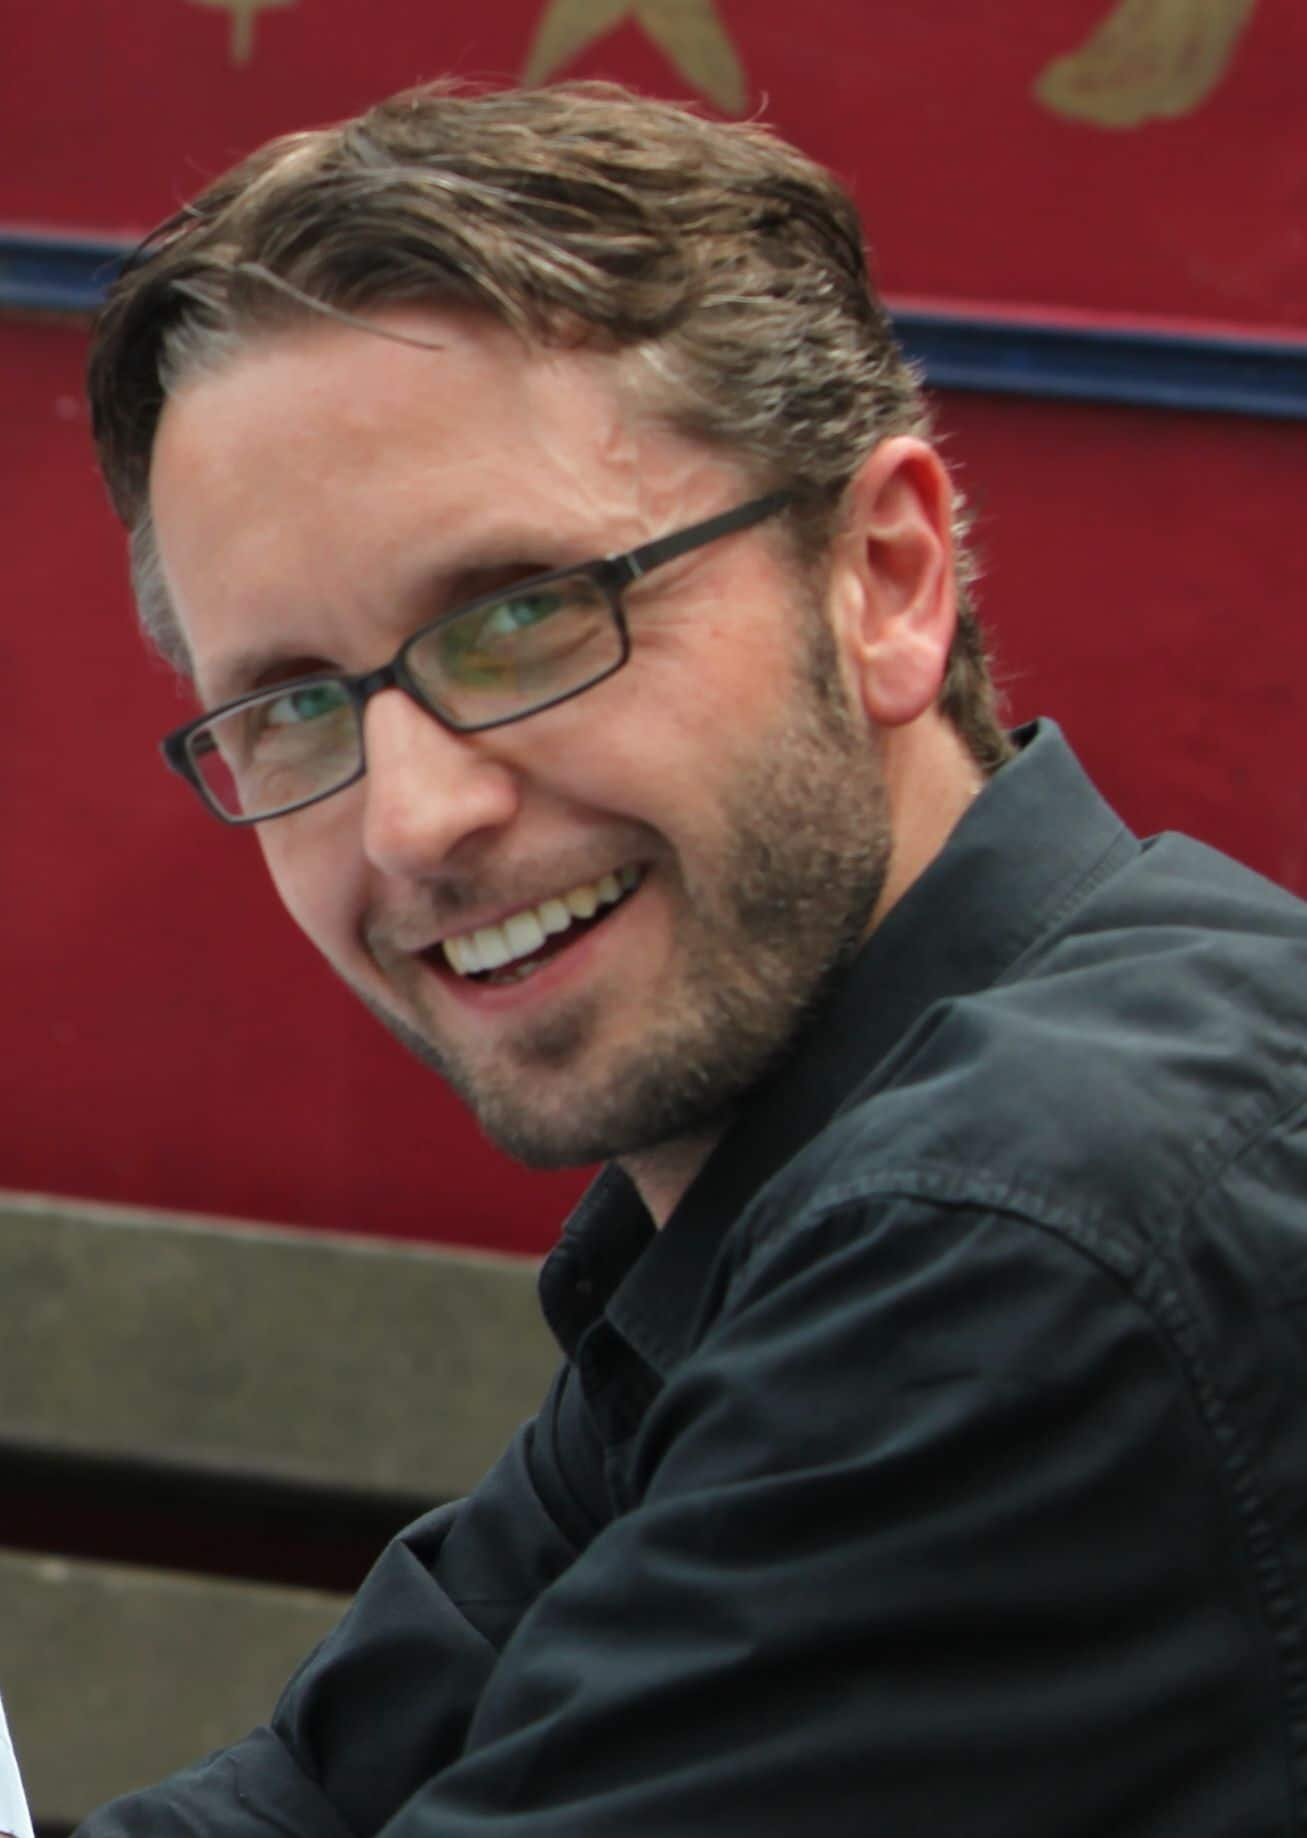 Dr. Roelf Bleeker-Dohmen ist der Leiter der Unternehmenskommunikation bei der Graf Recke Stiftung